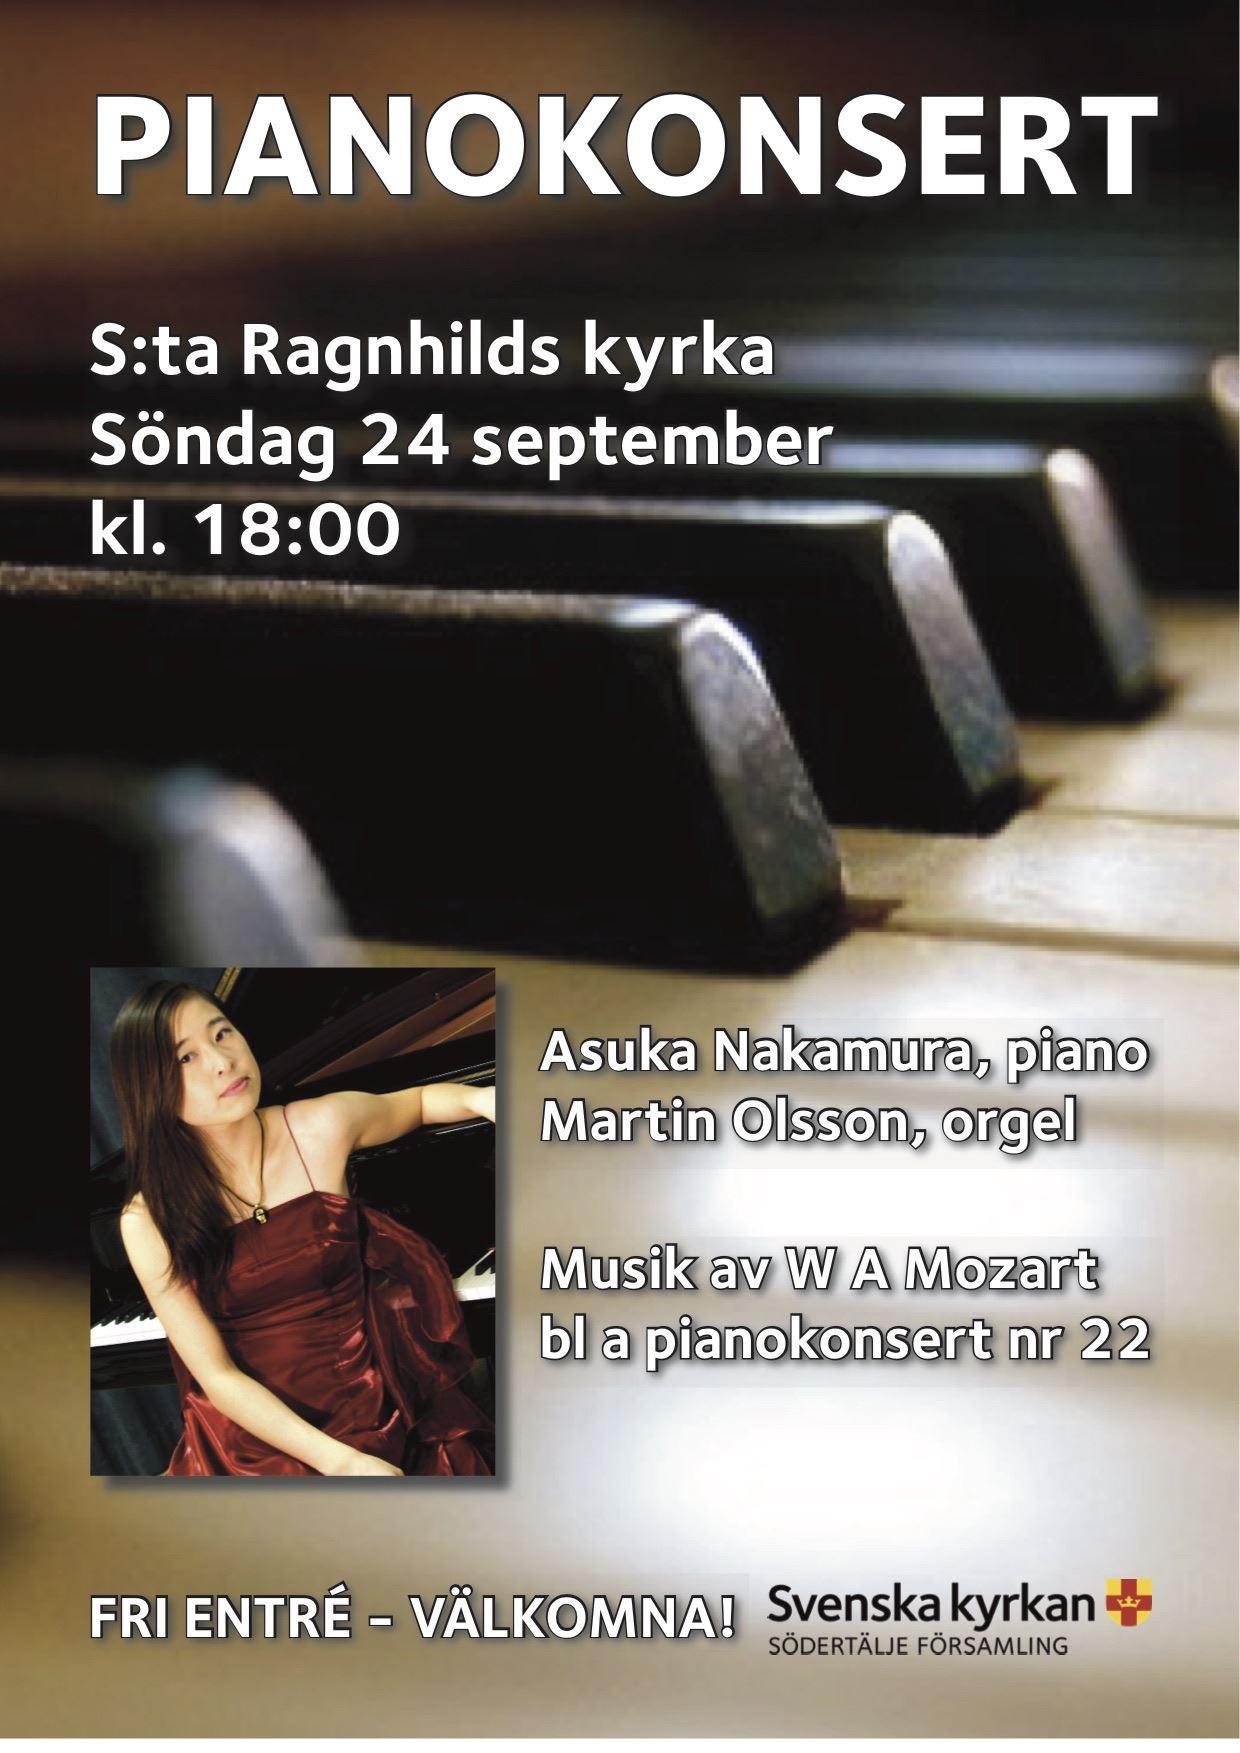 Pianokonsert av Mozart